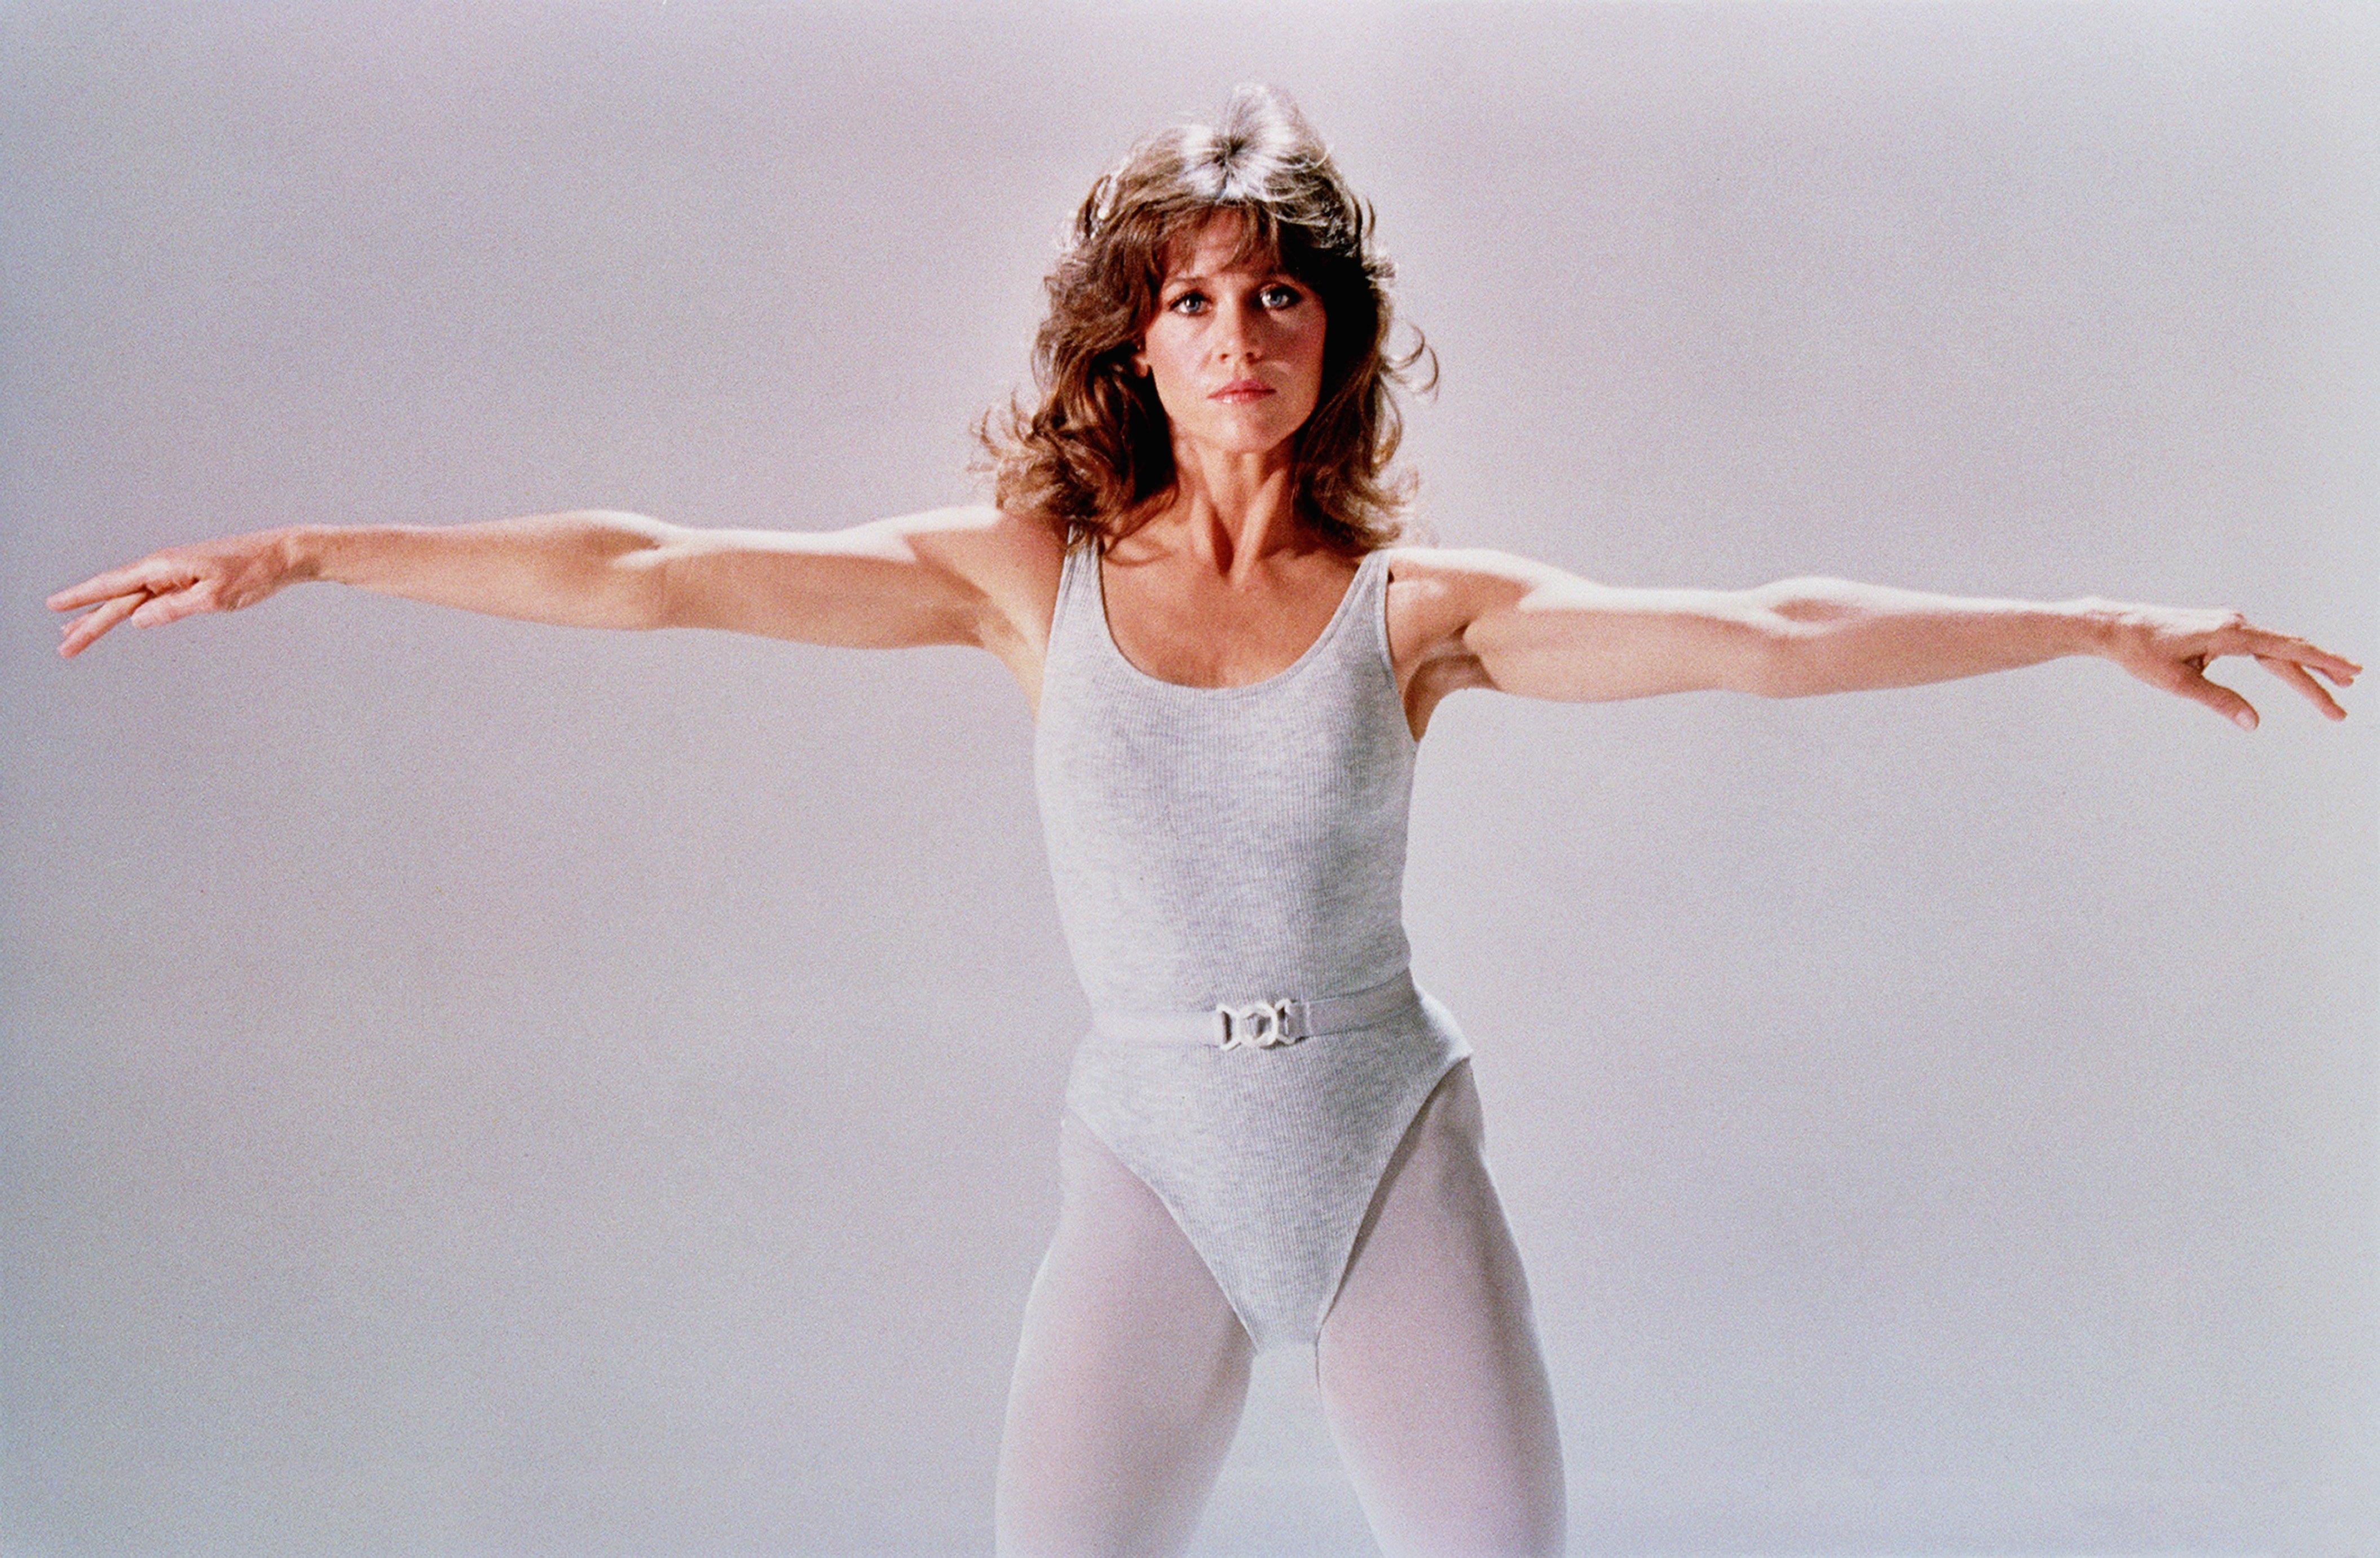 Джейн Фонда любит свое тело. А ты?